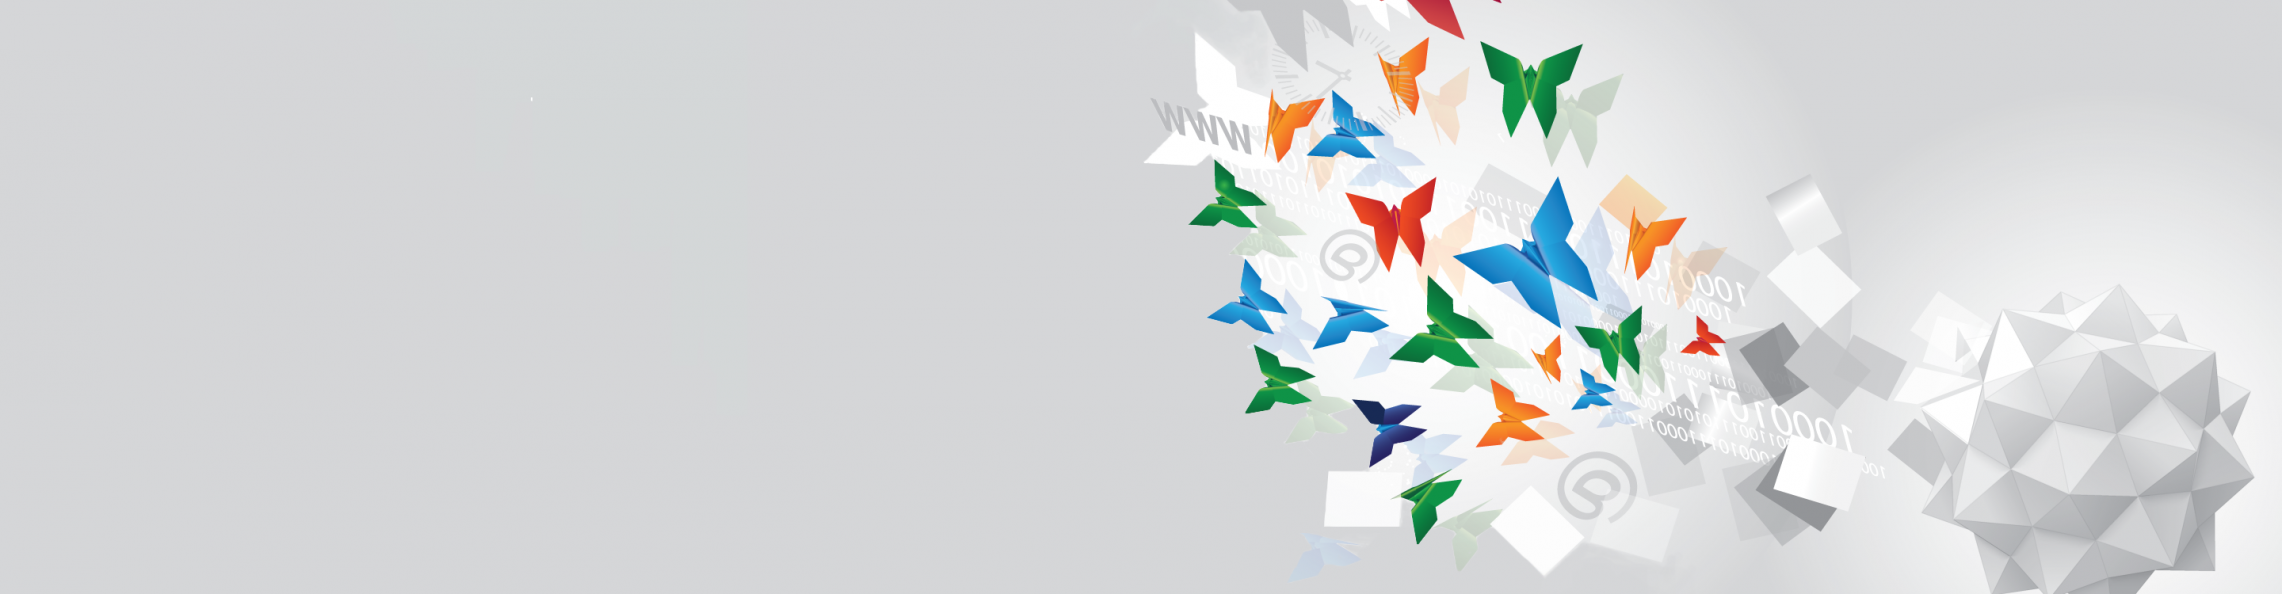 5 лучших продающих Landing Page с невероятными триггерами